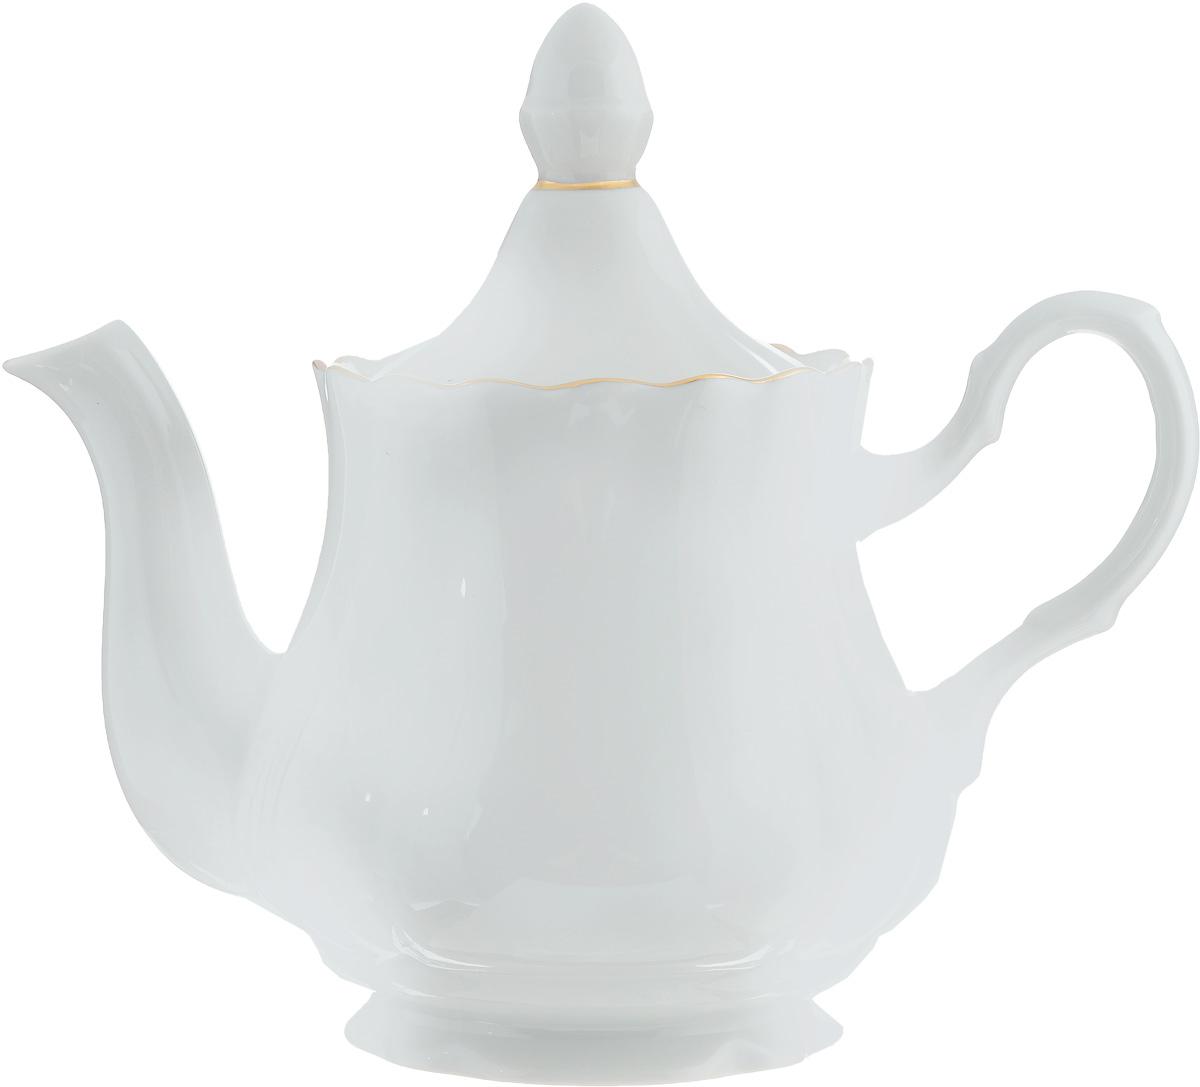 Чайник заварочный Романс, 800 мл507771Заварочный чайник Романс выполнен из высококачественного фарфора и покрыт сверкающей глазурью. Изделие оснащено крышкой. Заварочный чайник Романс придется по вкусу и ценителям классики, и тем, кто предпочитает утонченность и изысканность. Диаметр (по верхнему краю): 9,5 см. Высота чайника (без учета крышки): 14 см.